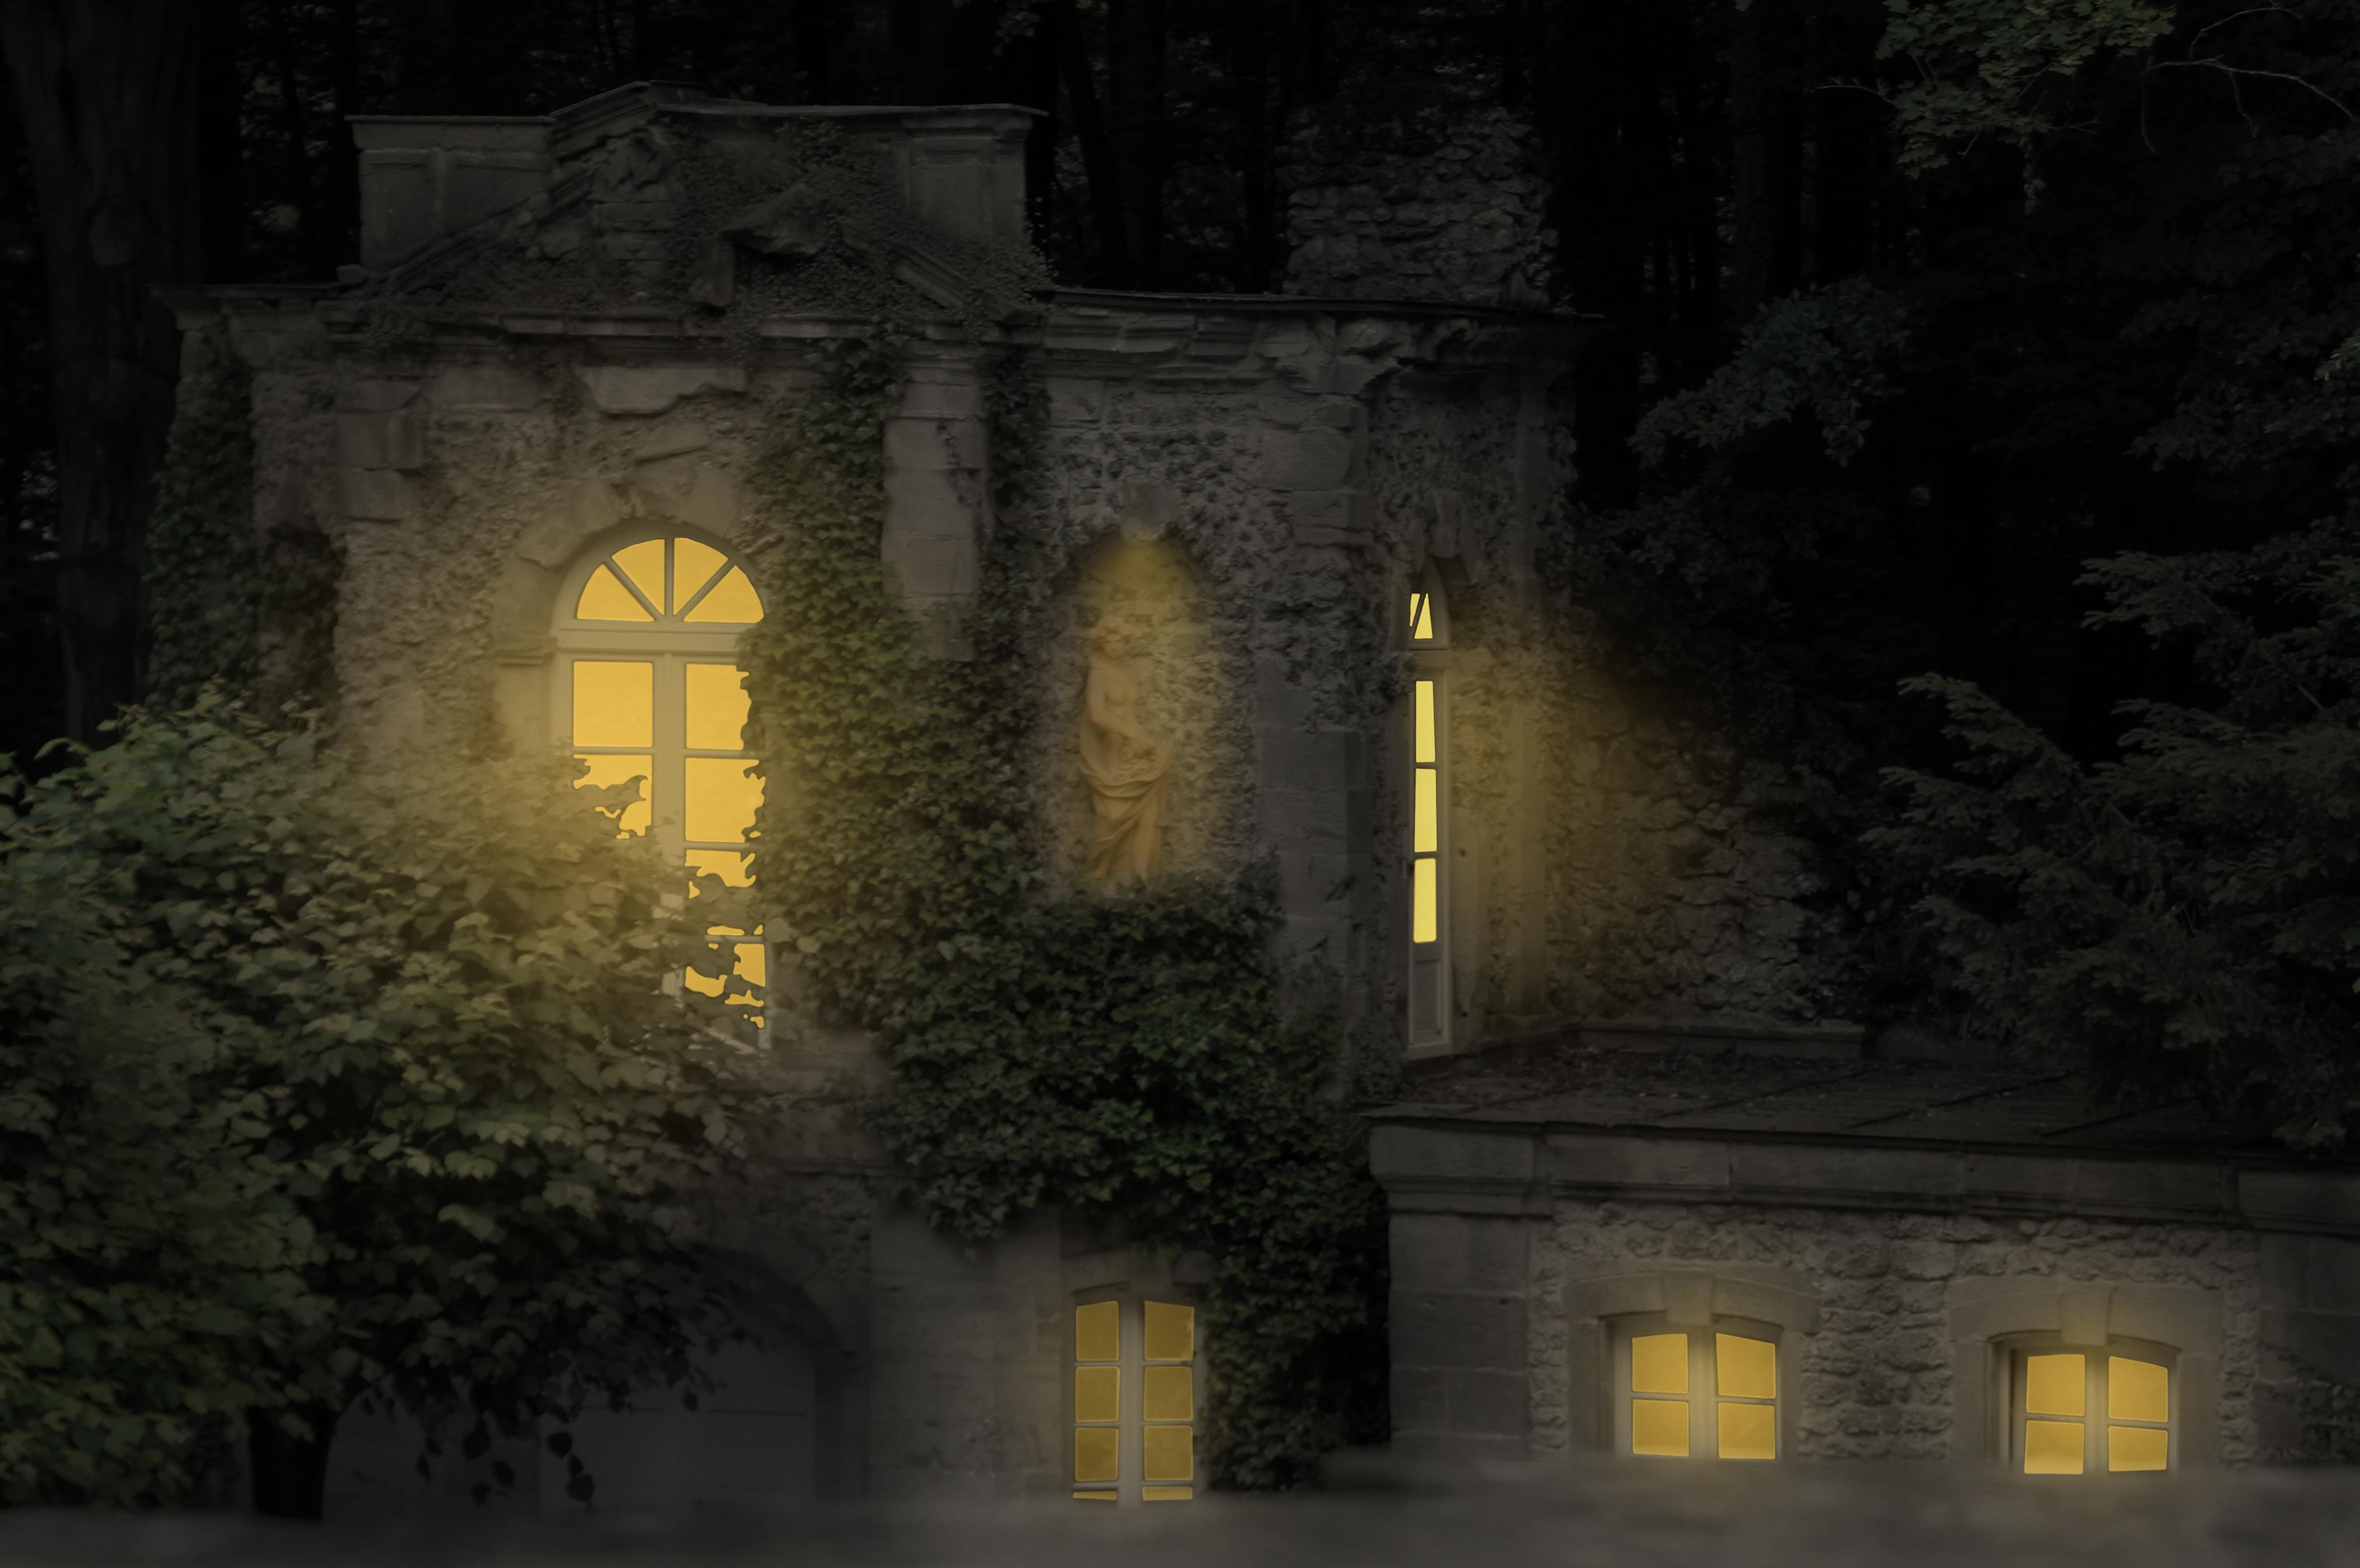 kastil gelap